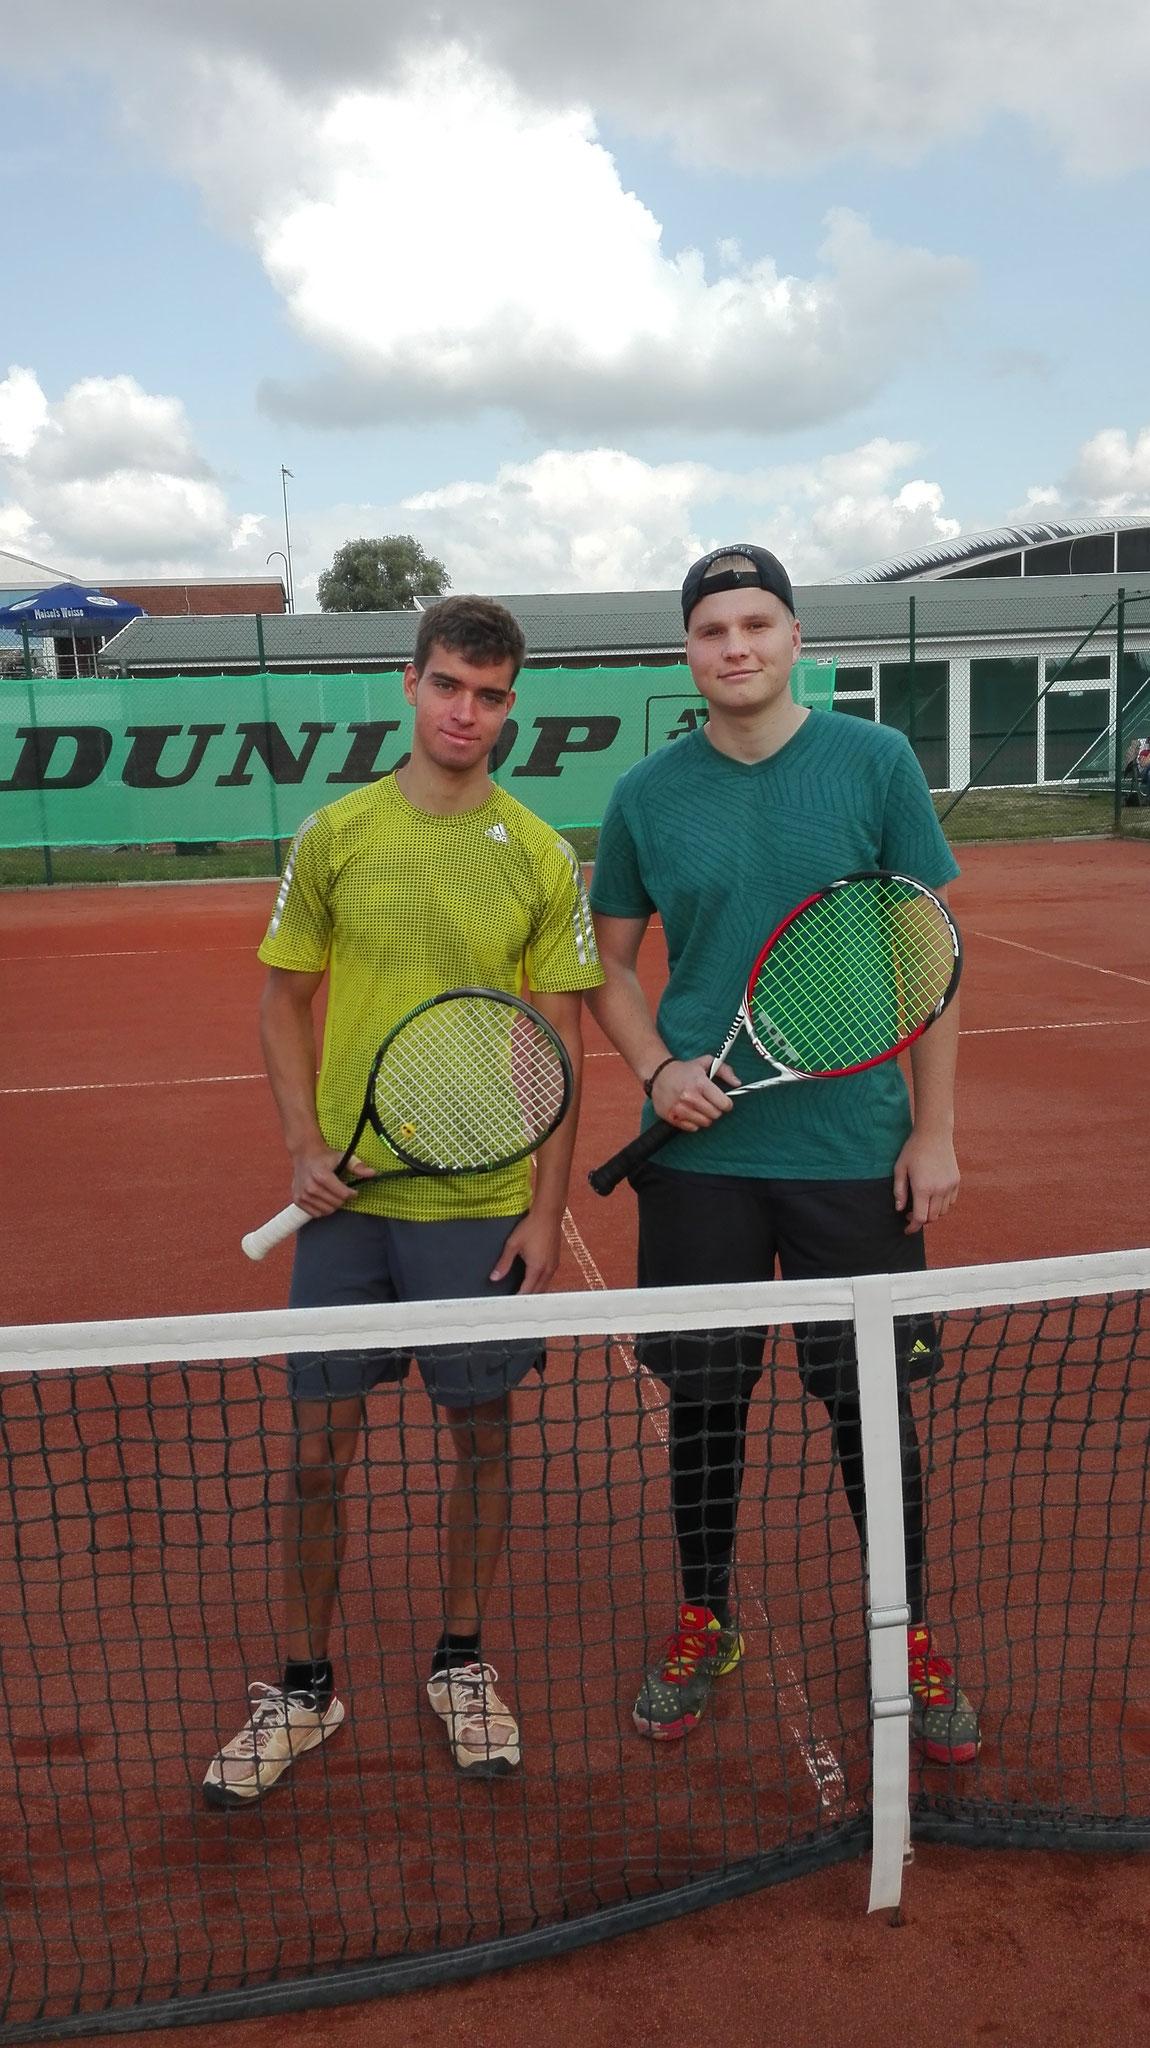 Finalisten bei den Herren: Timon Gerdau und Bastian Höbermann  6:7 1:4 Auf.